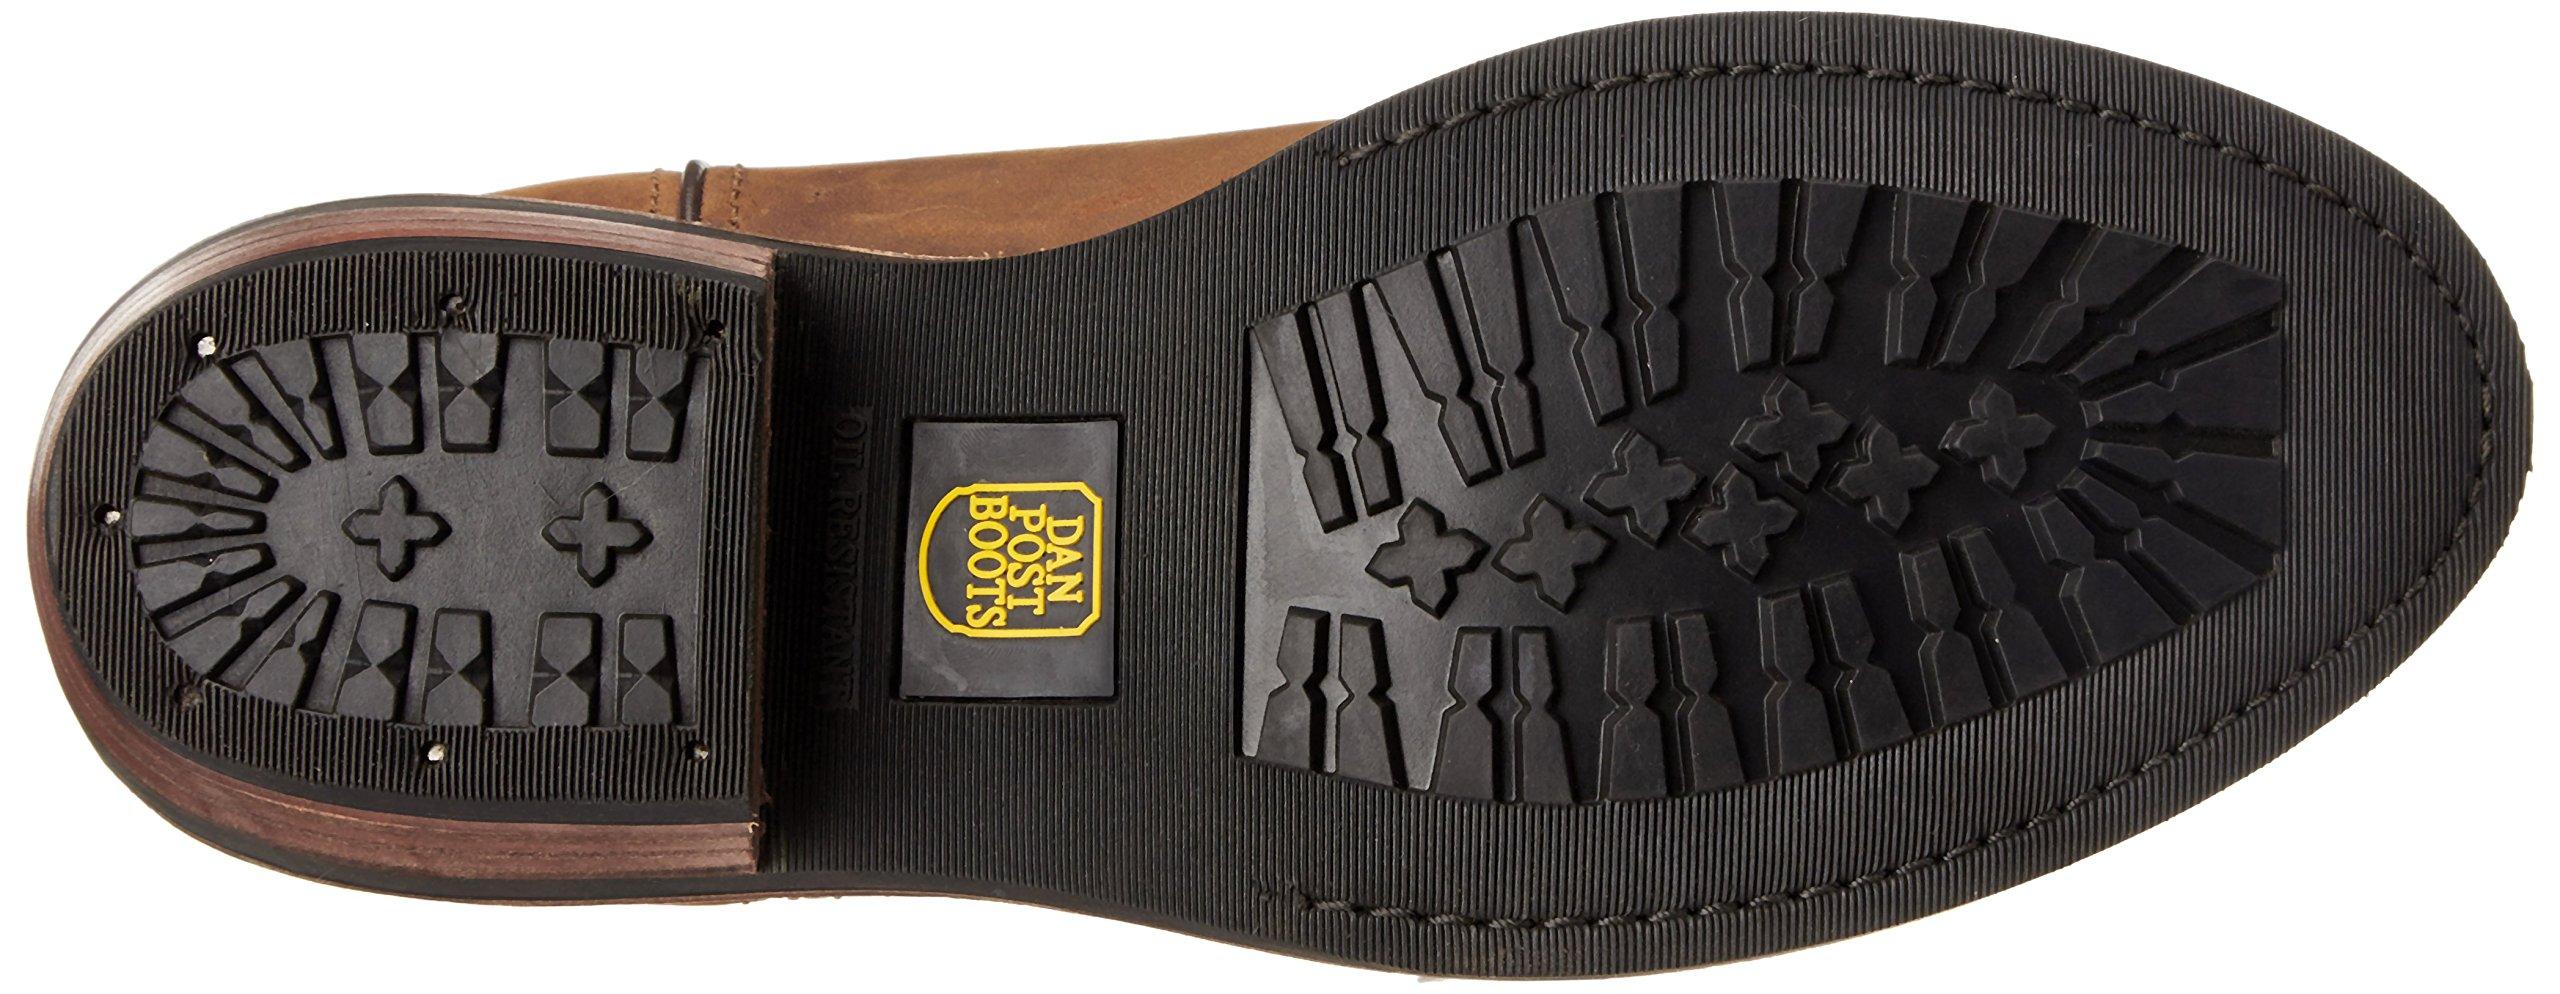 Dan Post Men's Albuquerque Waterproof Boot,Mid Brown Oily,11  EW US by Dan Post Boot Company (Image #3)